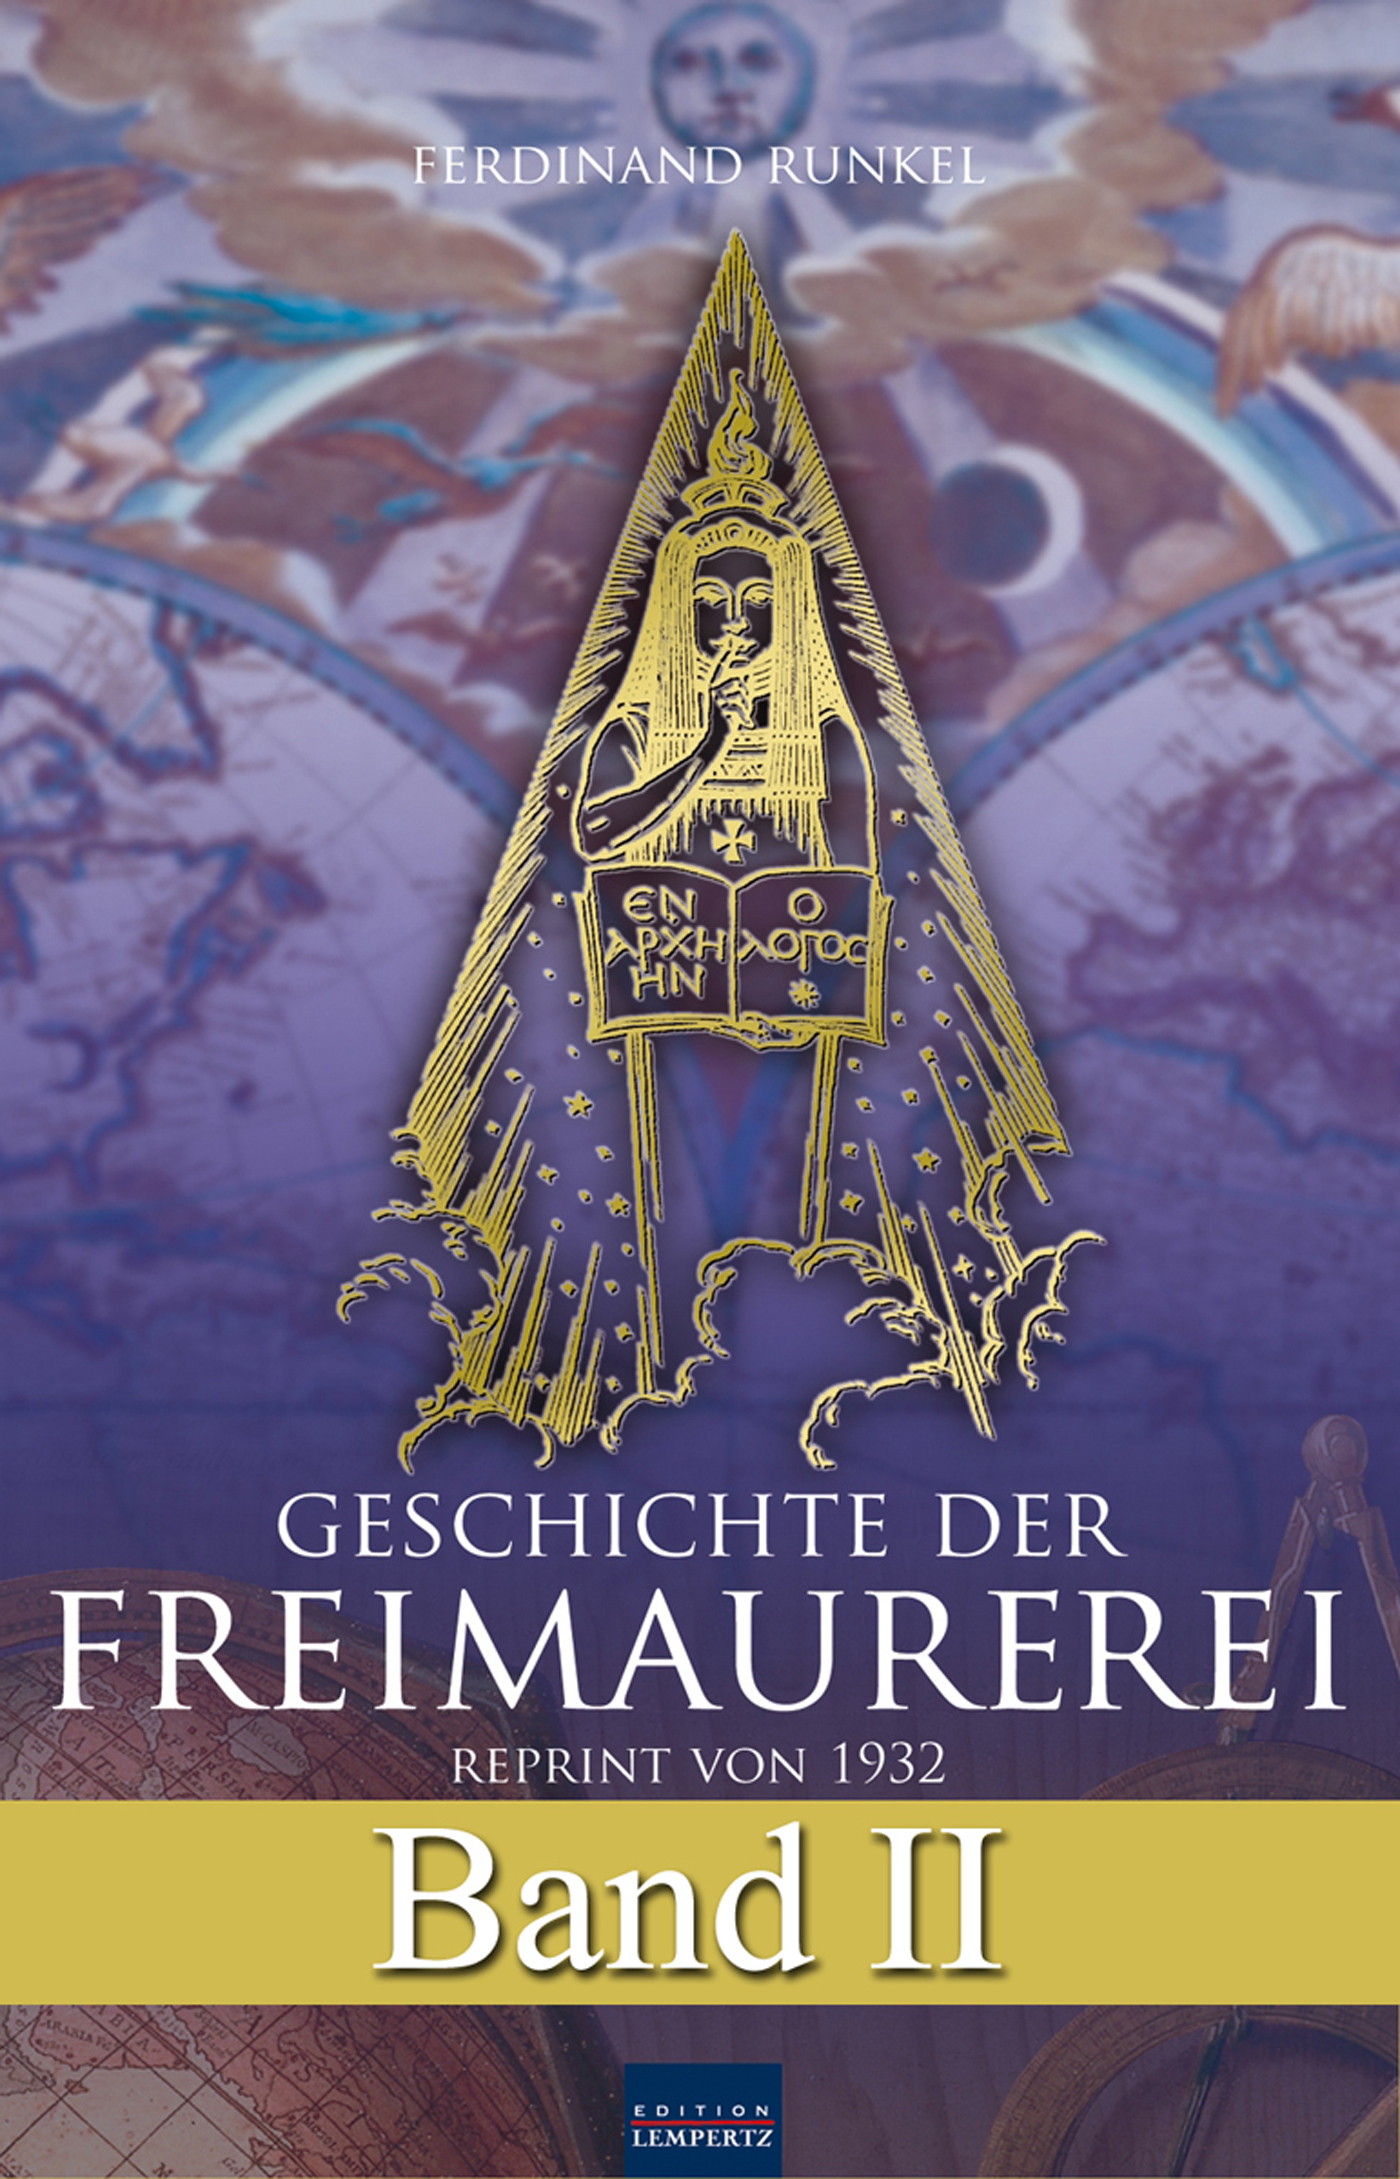 Ferdinand Runkel Geschichte der Freimaurerei - Band II